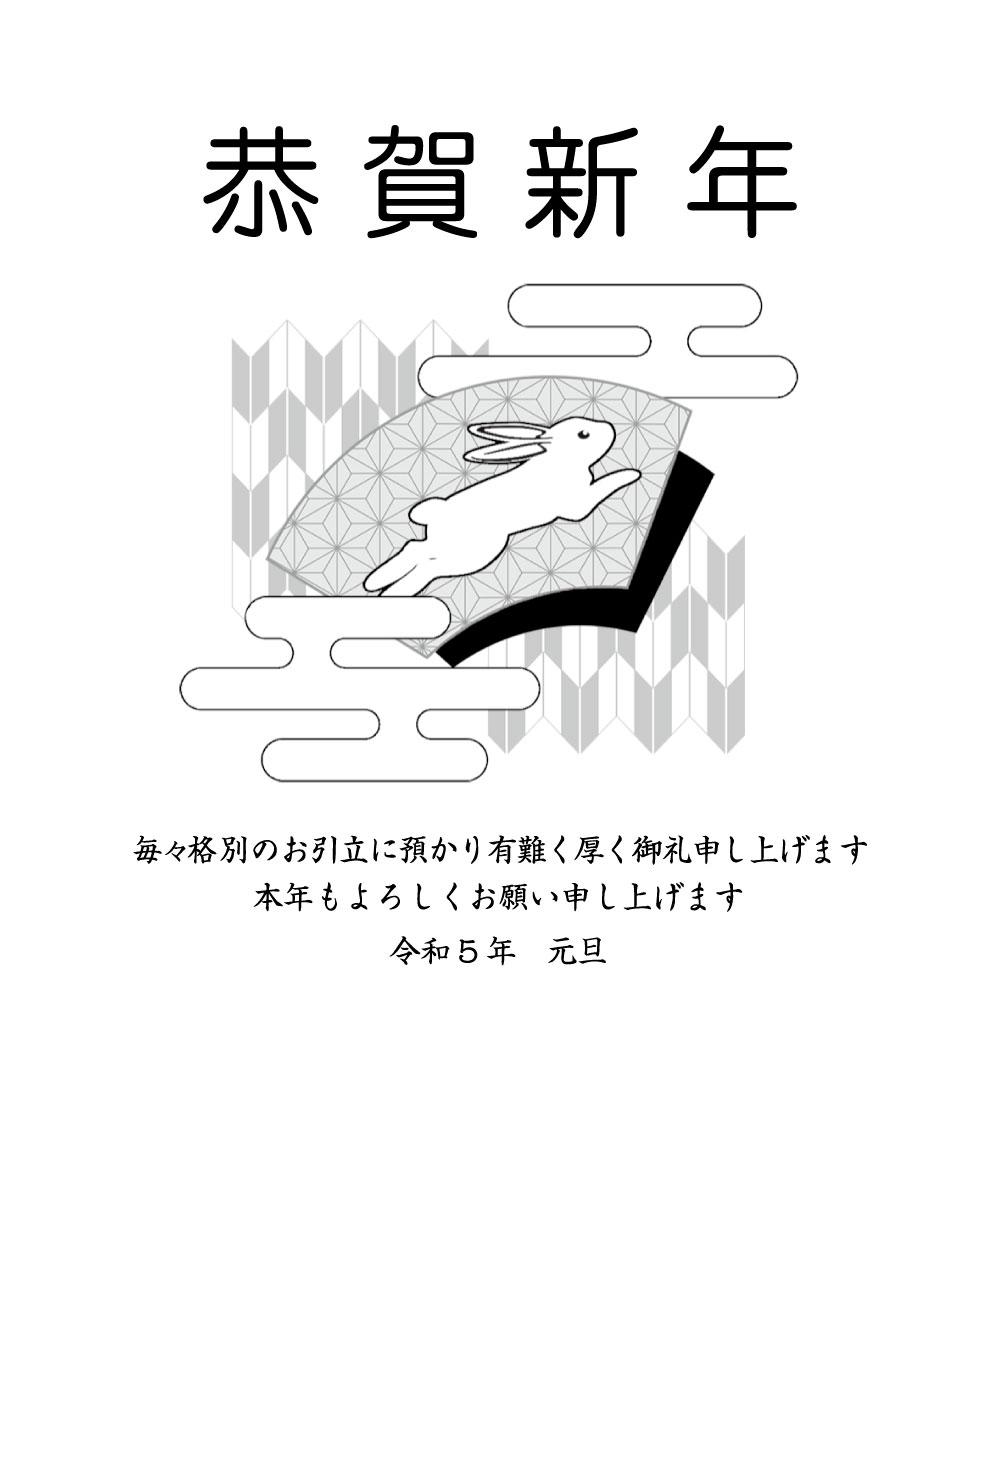 年賀状m31